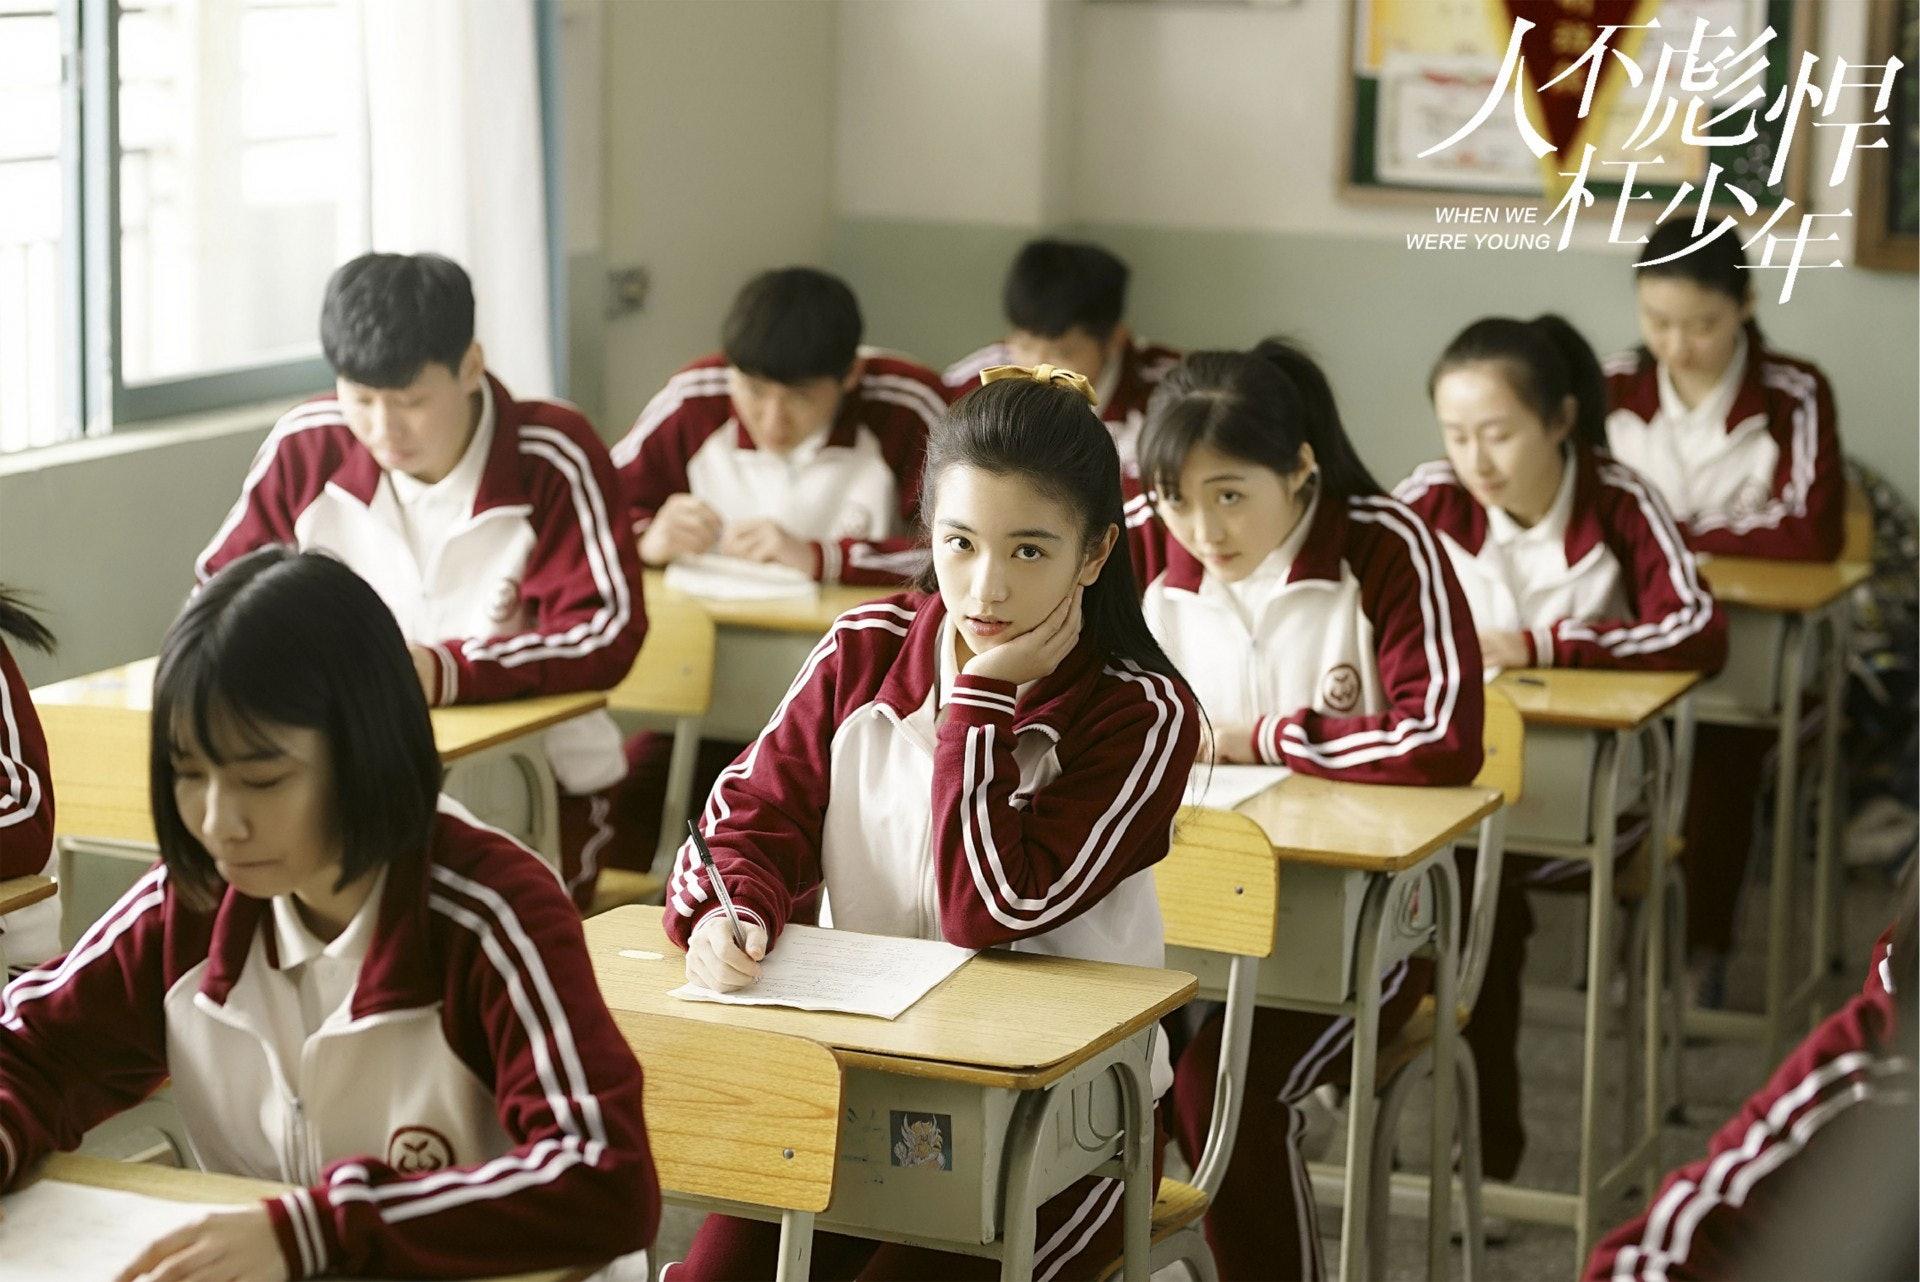 「作弊」是青春中的印記(網上圖片)